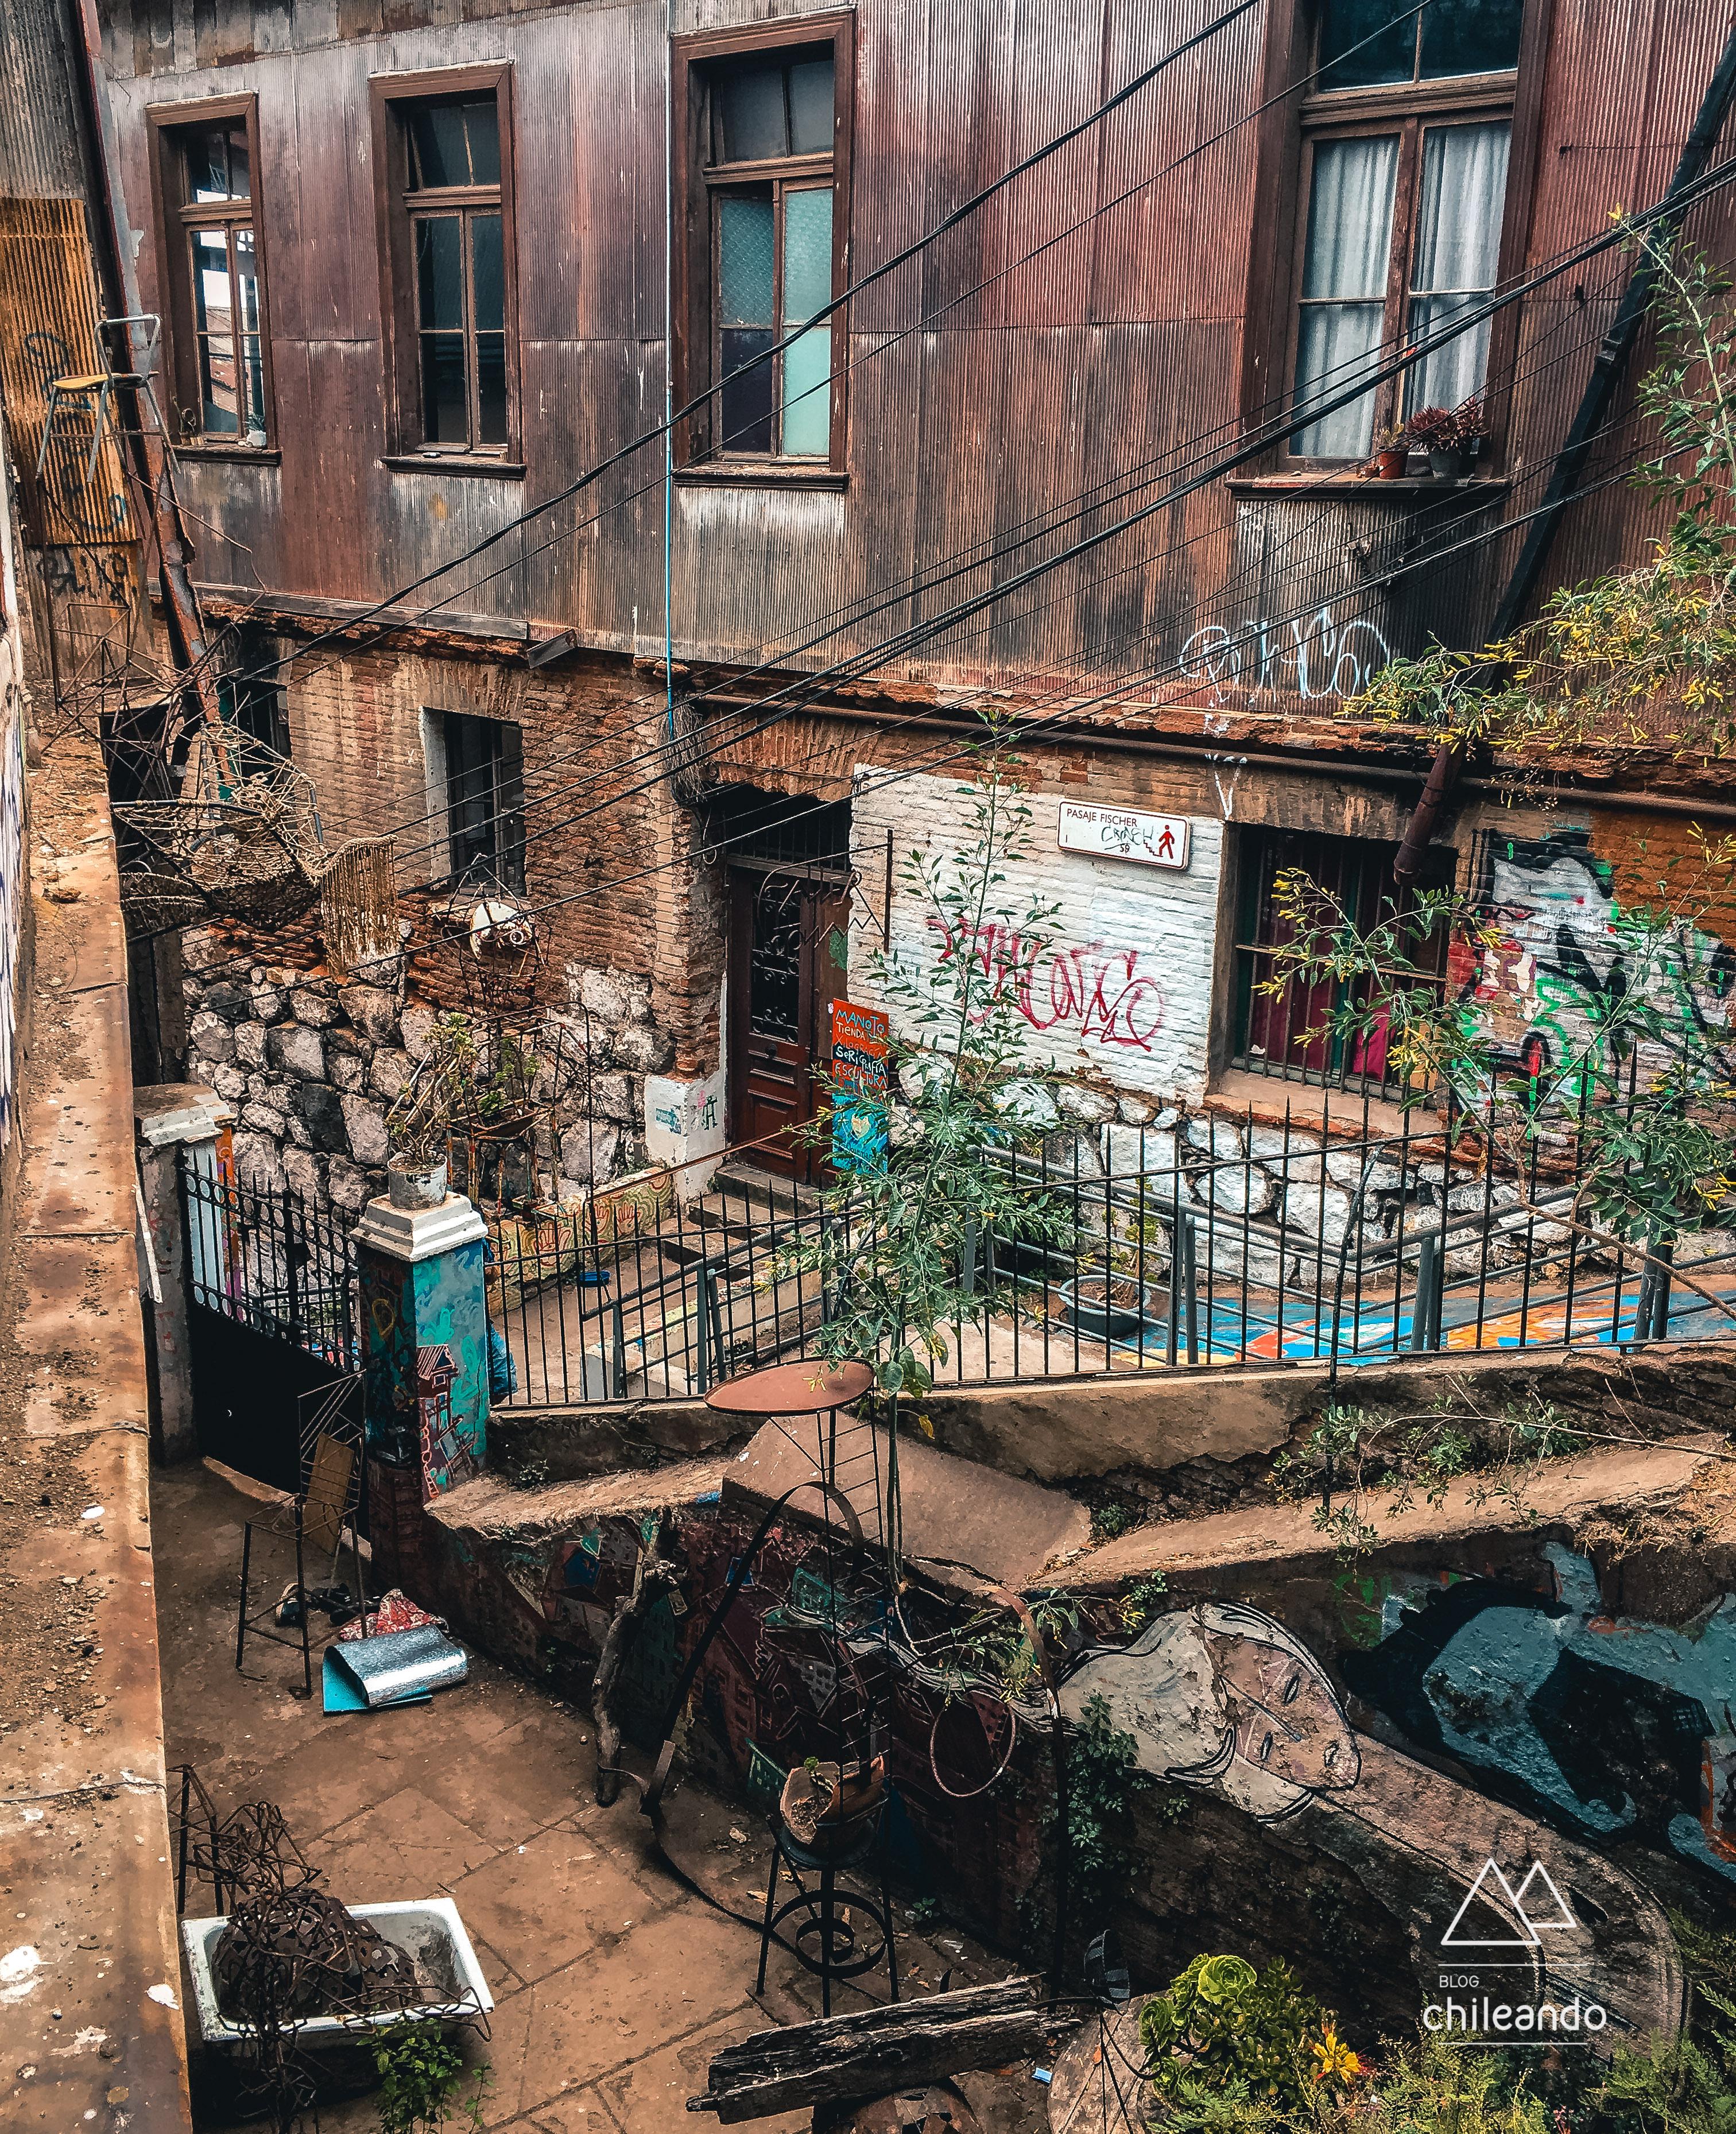 Arte ou caos em Valparaíso?